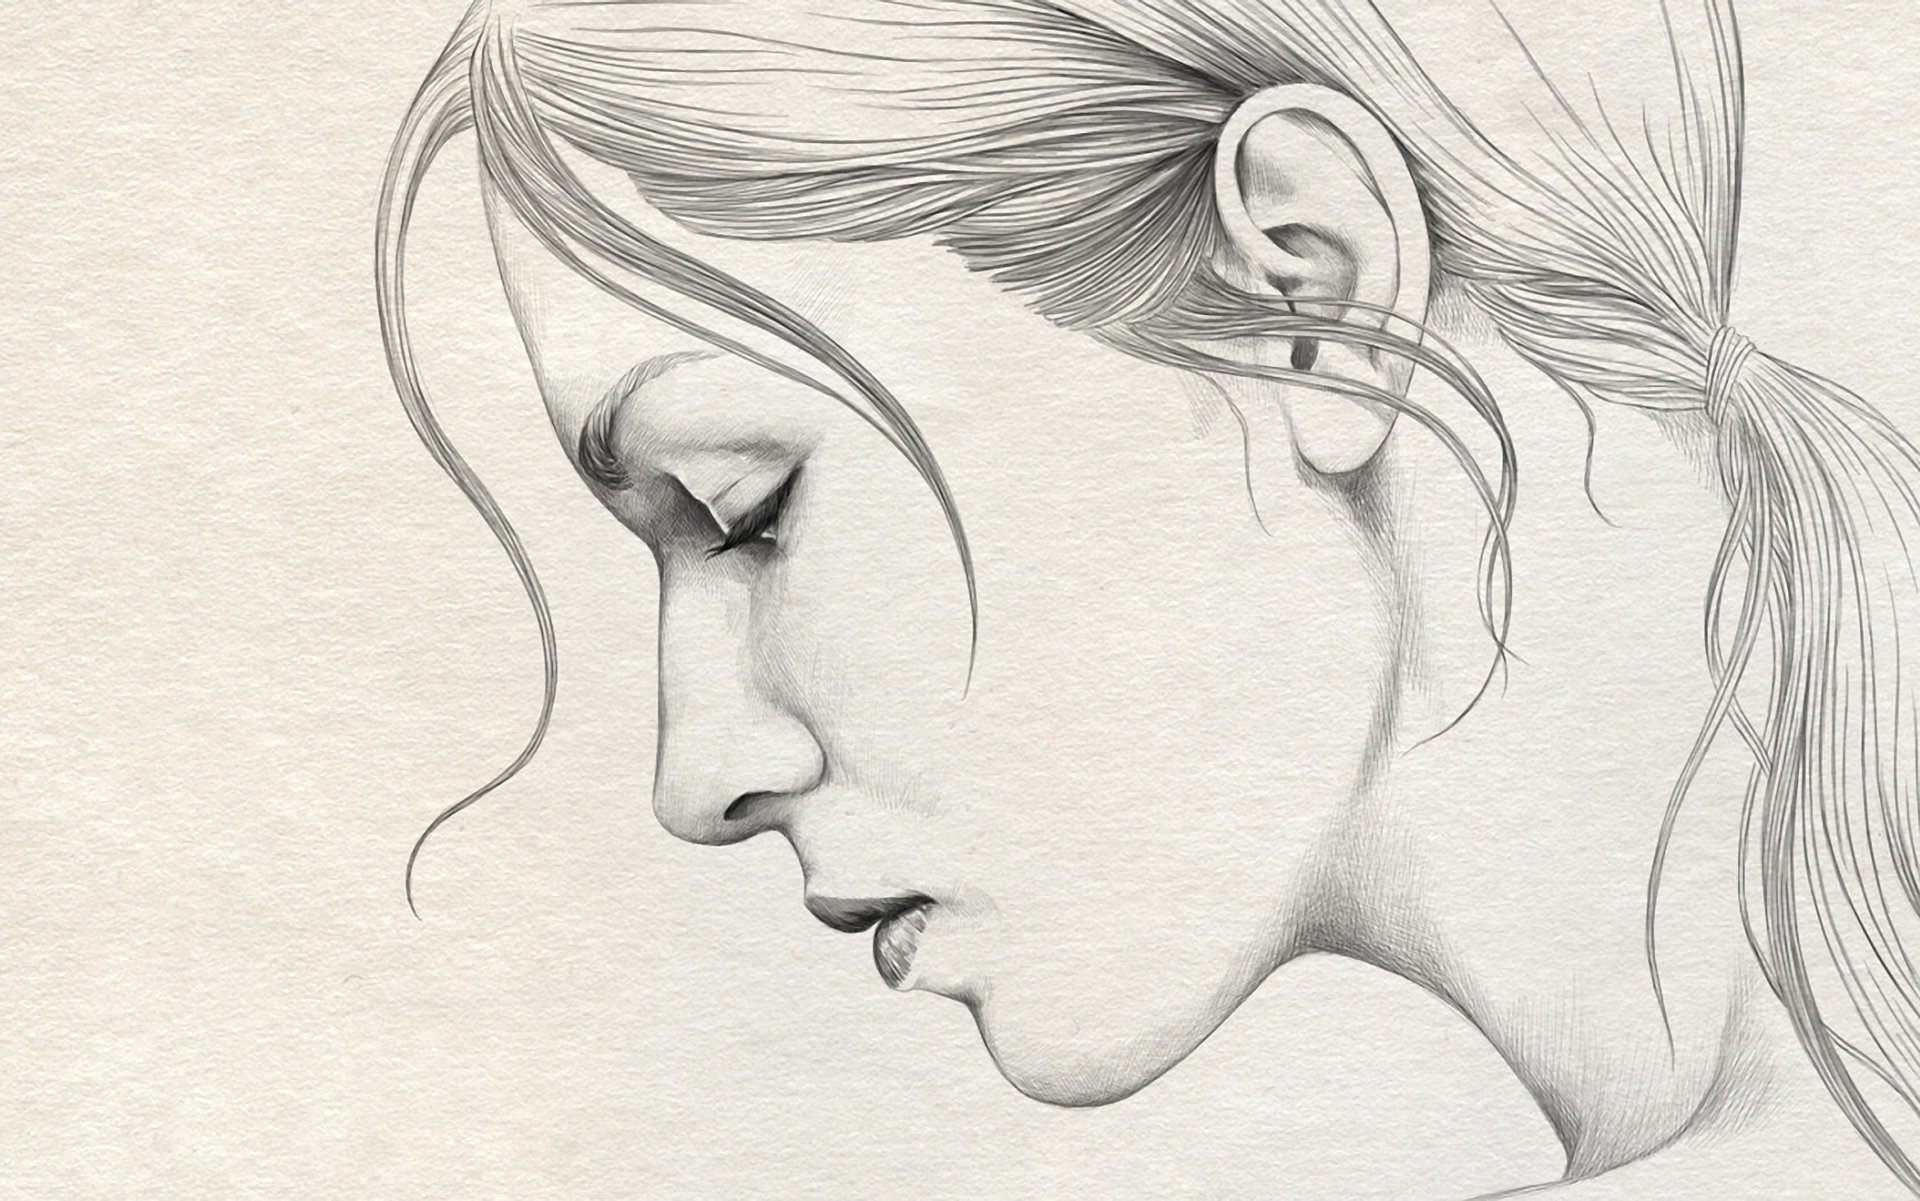 1920x1201 Sketch Pencil Face Sad Girl Face Mood Sad Pencil Drawing Sad